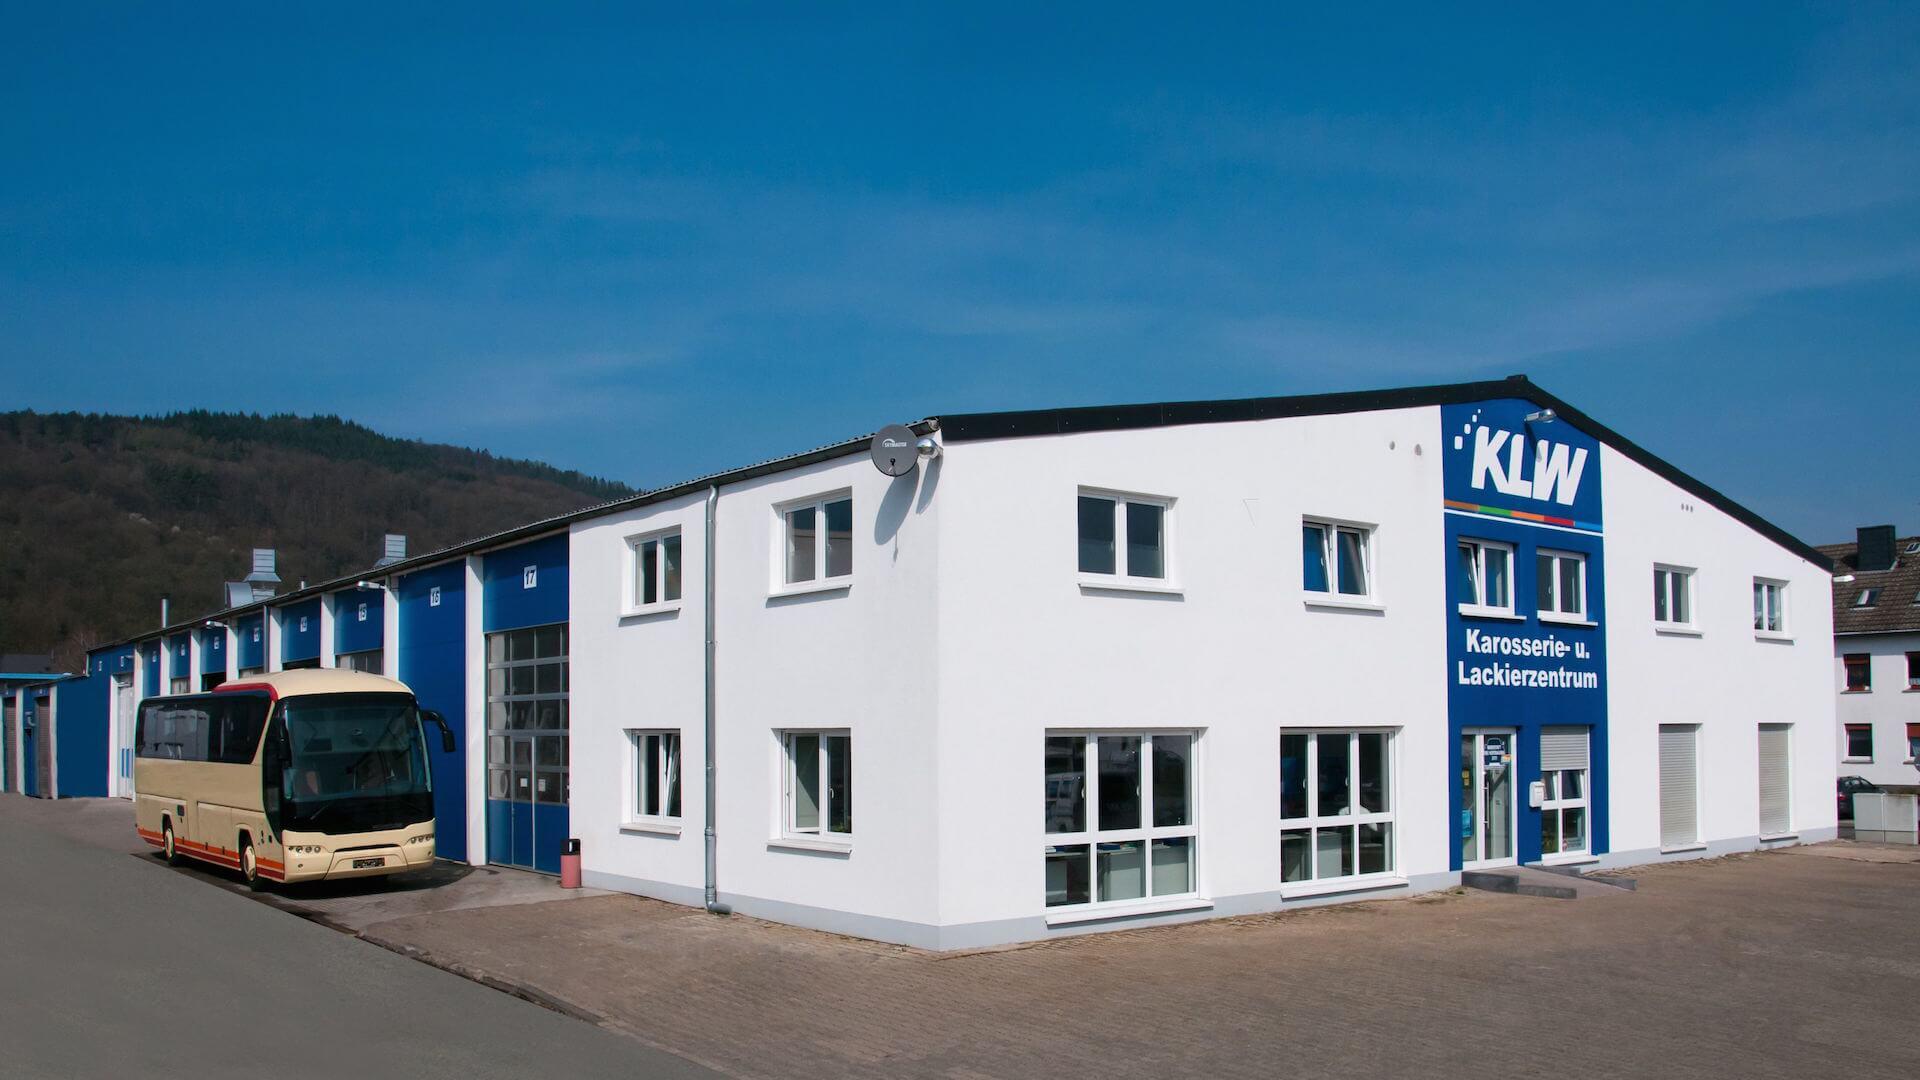 KLW GmbH Trier - Karosserie- und Lackierzentrum - Ottostr. 6-16 - Tel: 0651/ 99 37 32 0